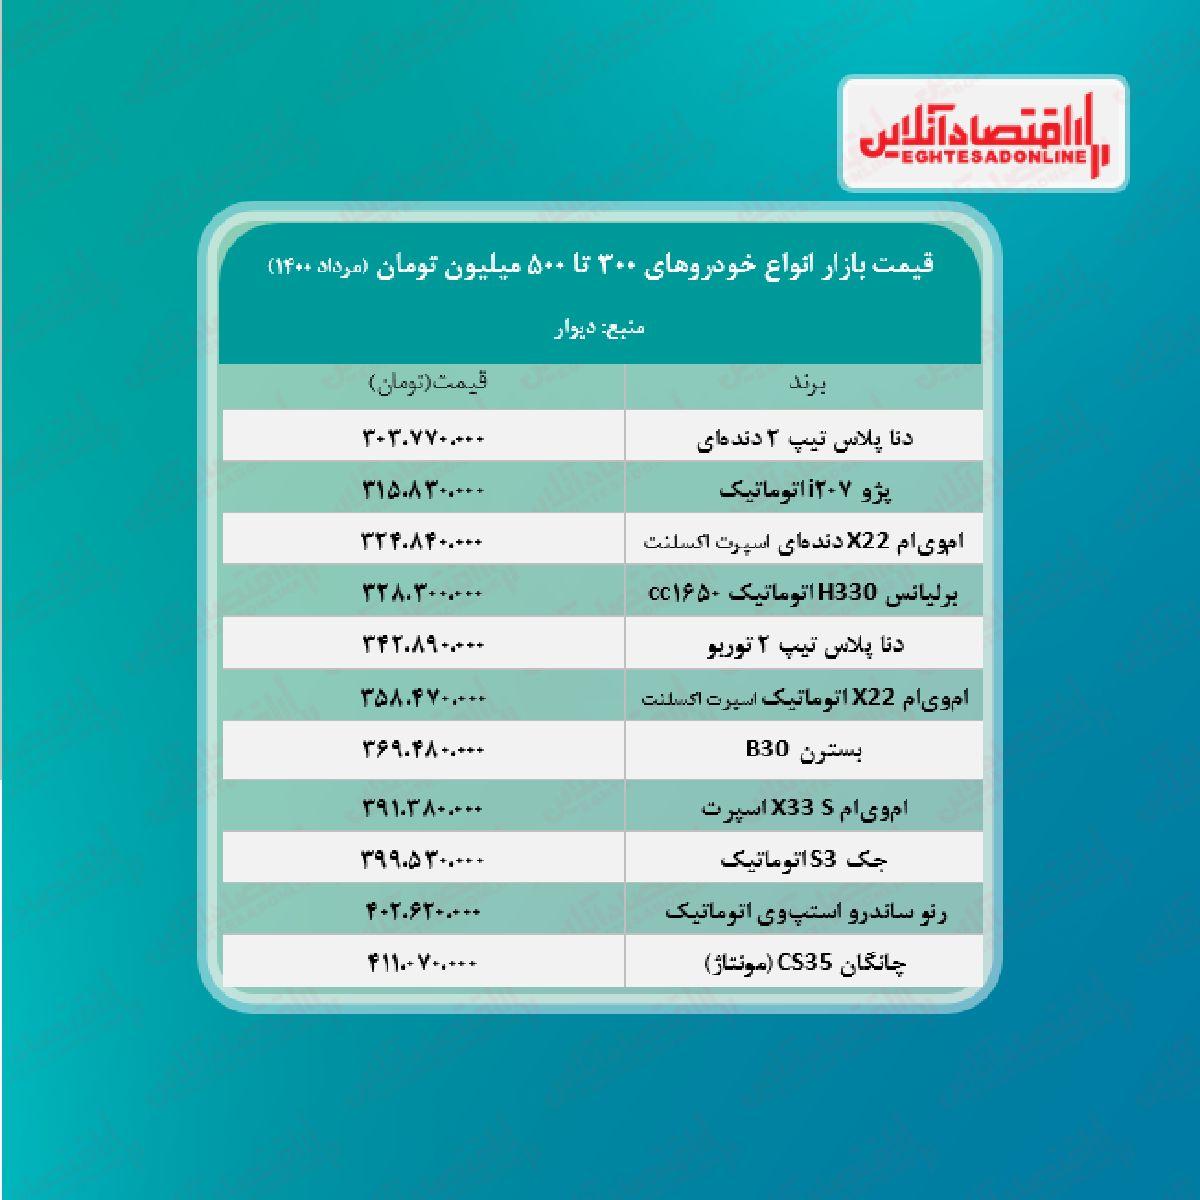 قیمت خودروهای ۳۰۰ تا ۵۰۰ میلیونی بازار تهران + جدول